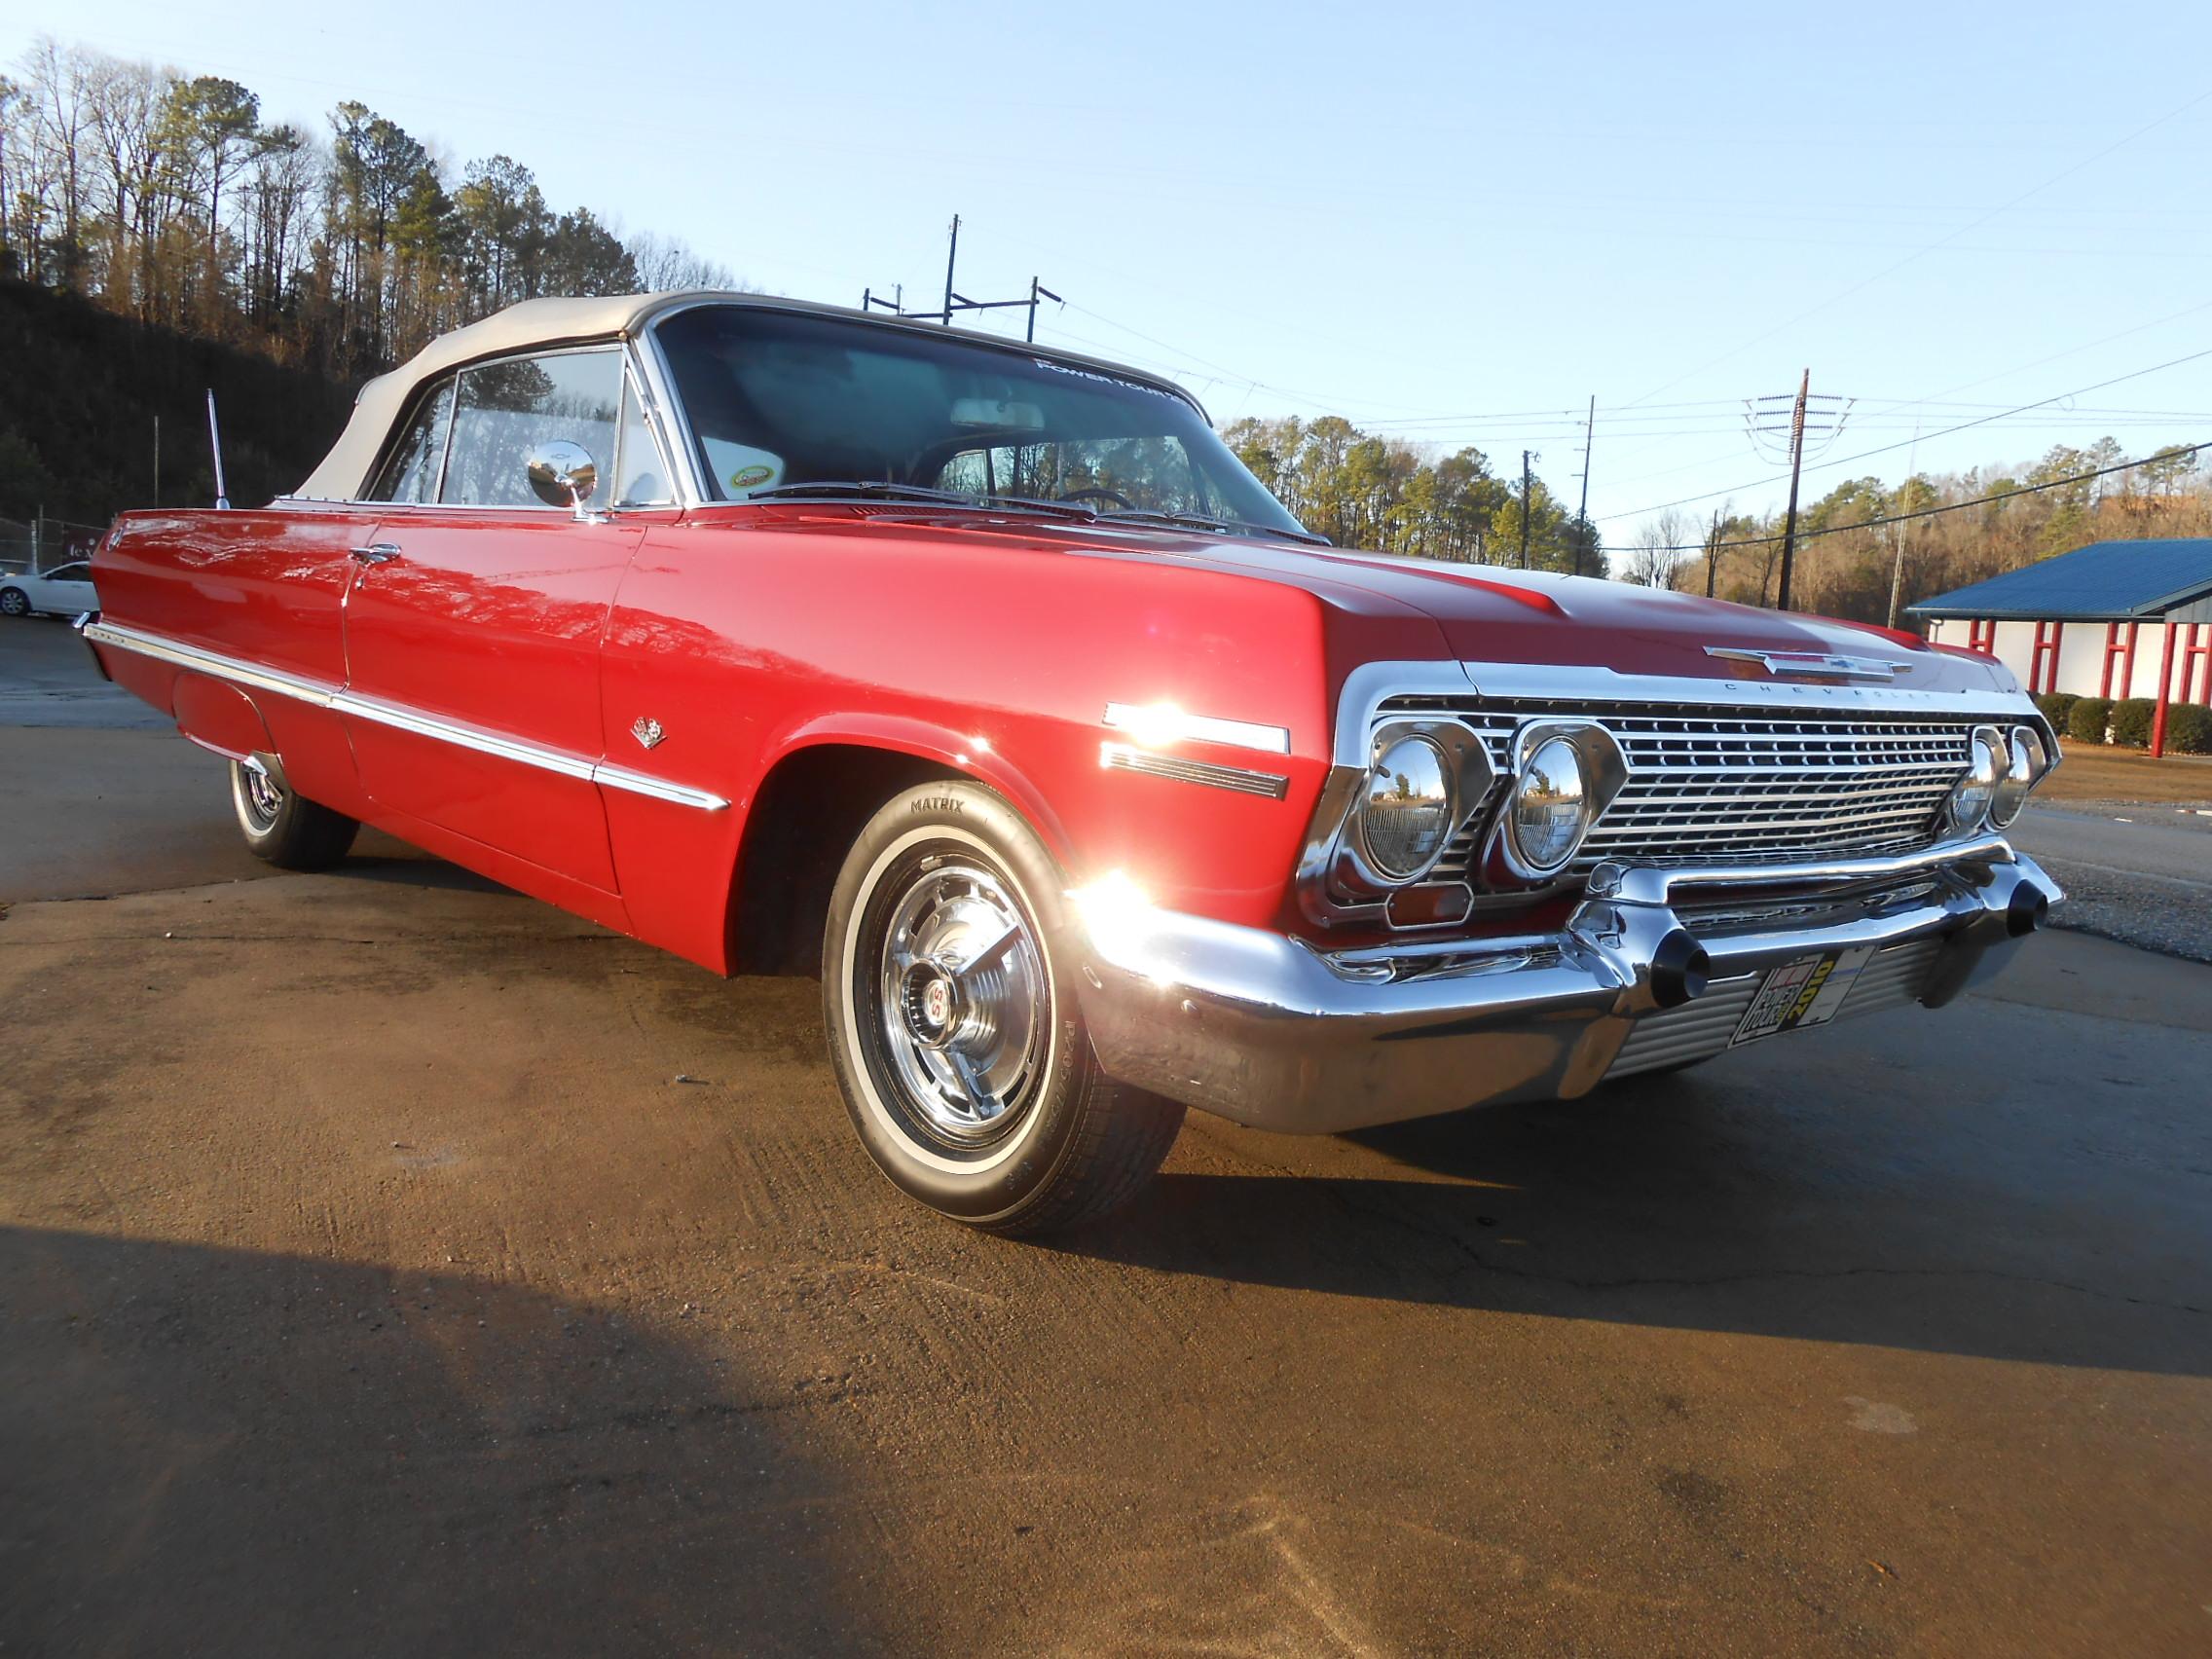 1963 Impala -